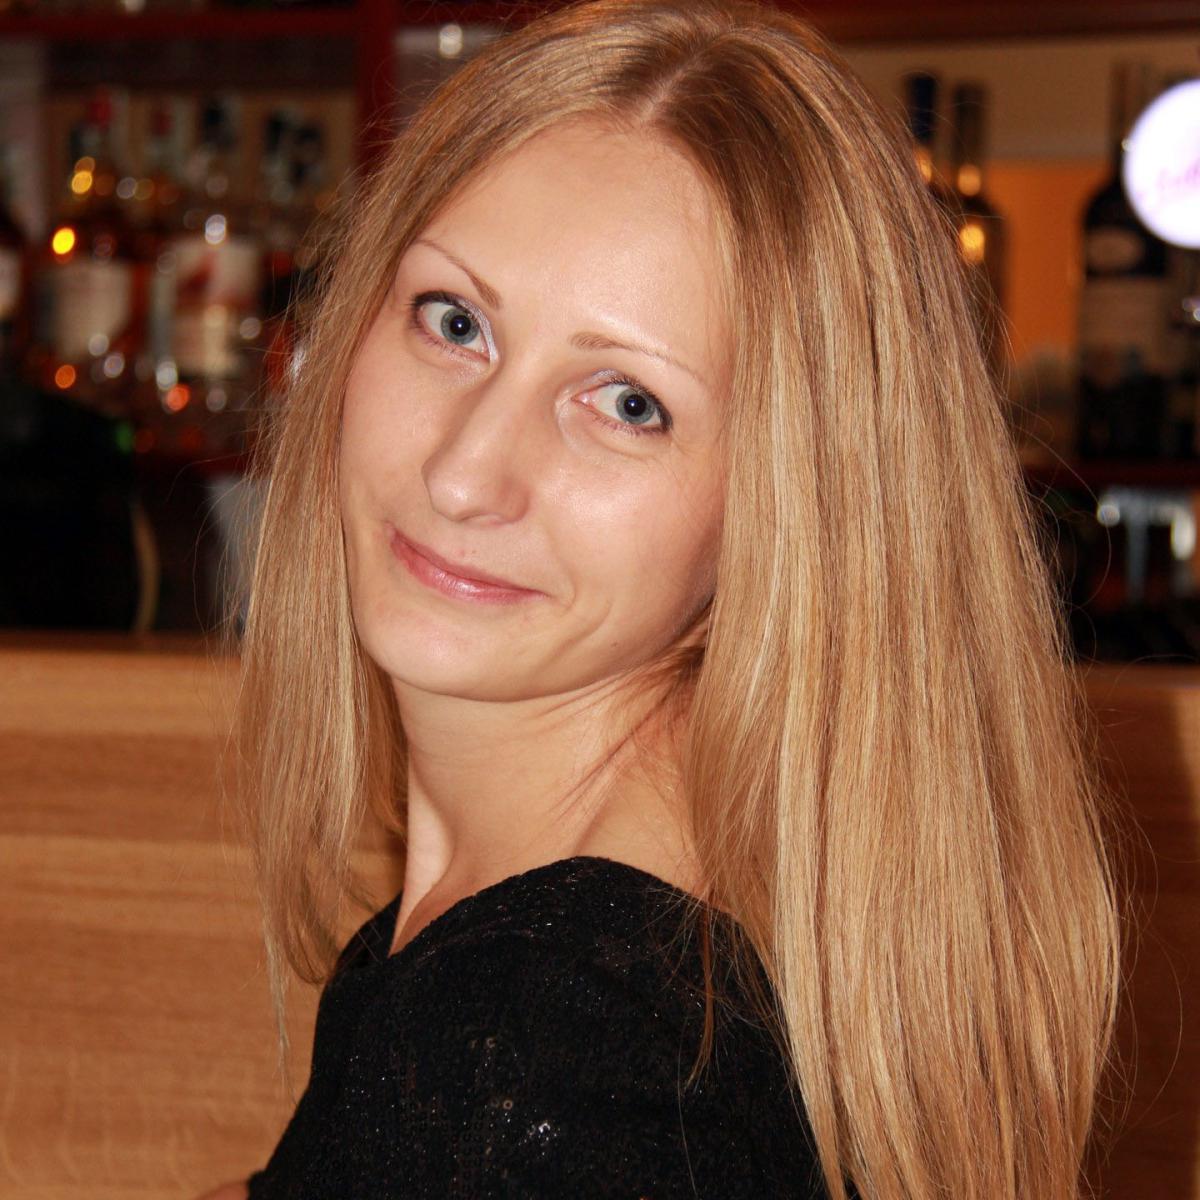 Ивашкевич Екатерина